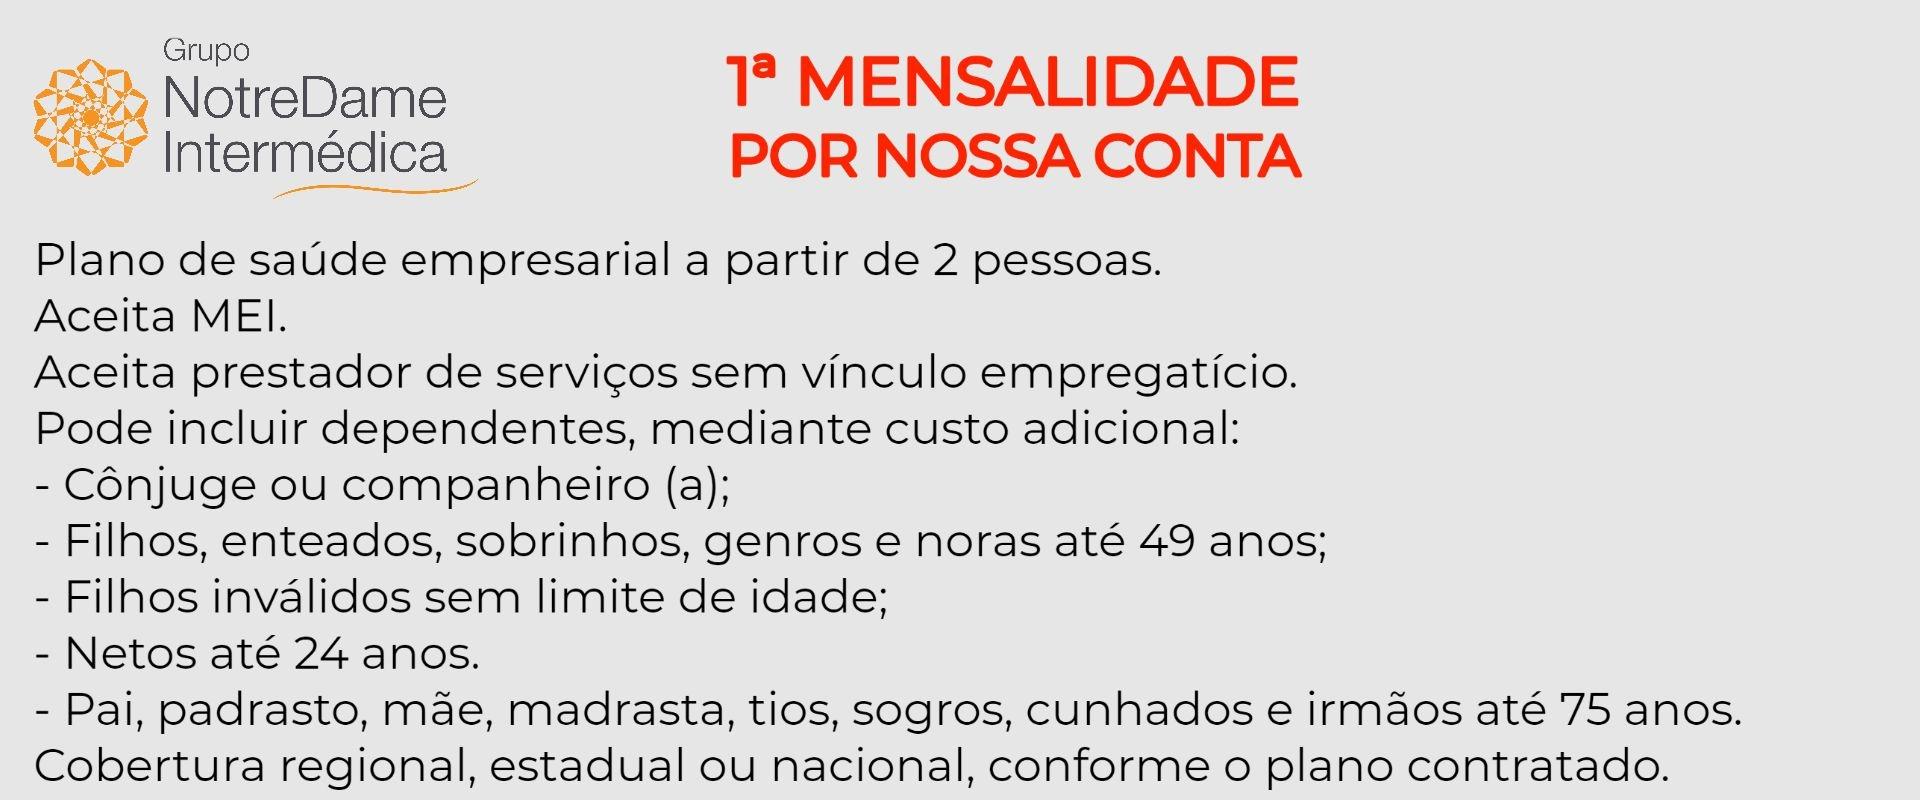 GNDI Empresarial São Paulo-SP